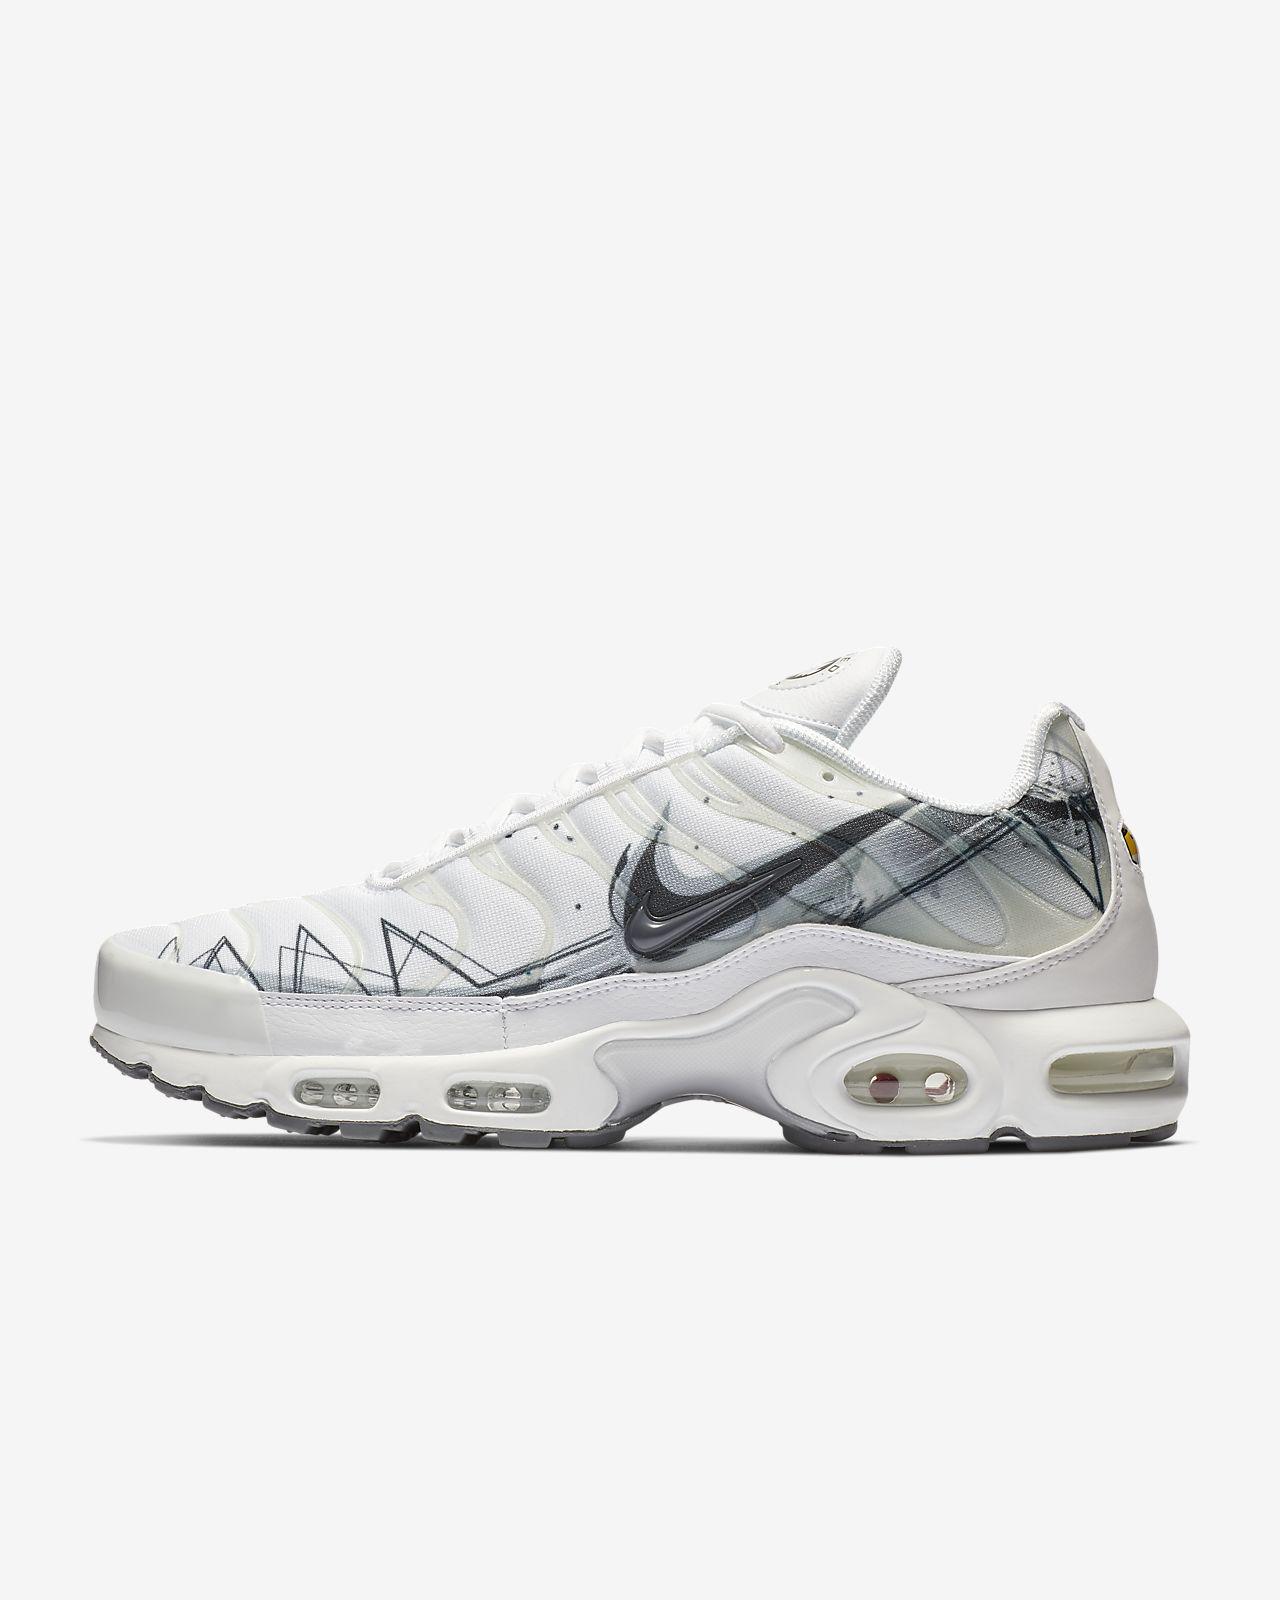 premium selection 003fa 3d168 ... Sko Nike Air Max Plus för män